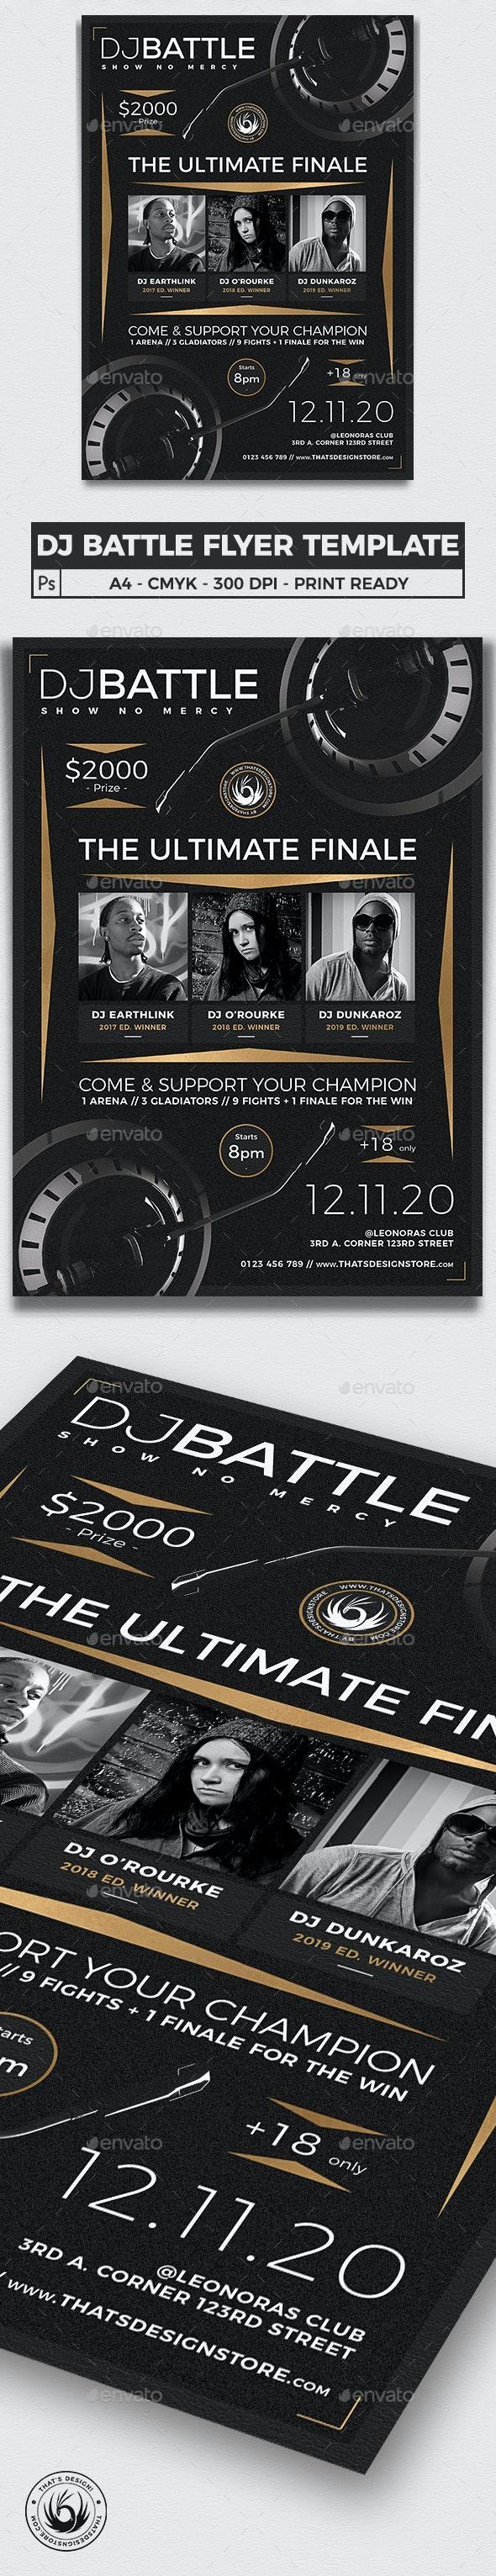 DJ Battle Flyer Template V6 - Concerts Events